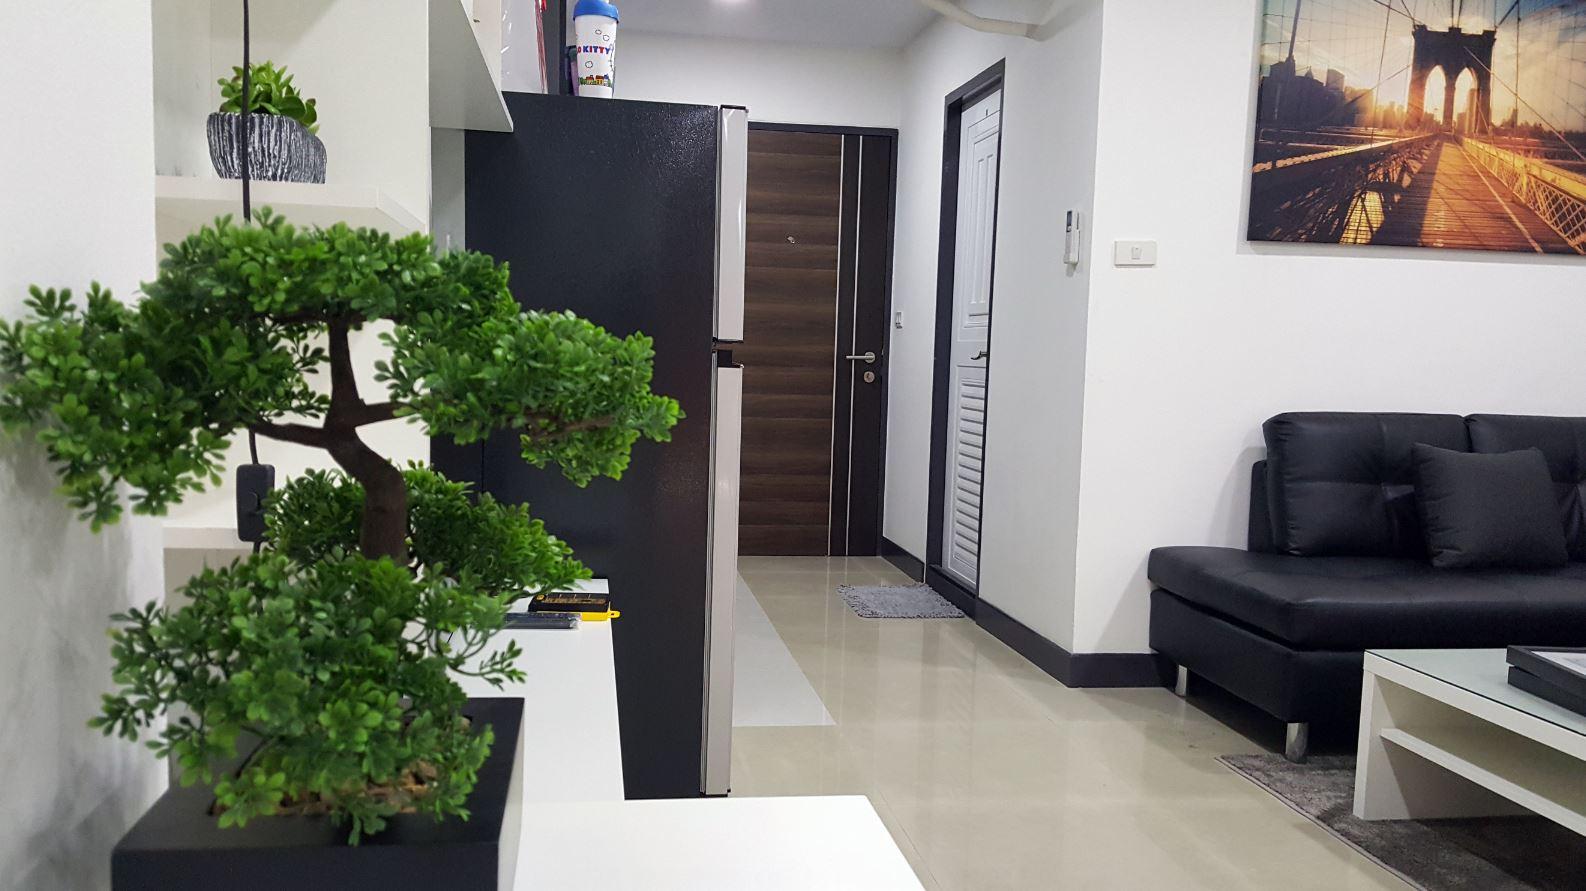 ภาพให้เช่า Sukhumvit Suite คอนโดแต่งครบพร้อมอยู่ สุขุมวิท 13